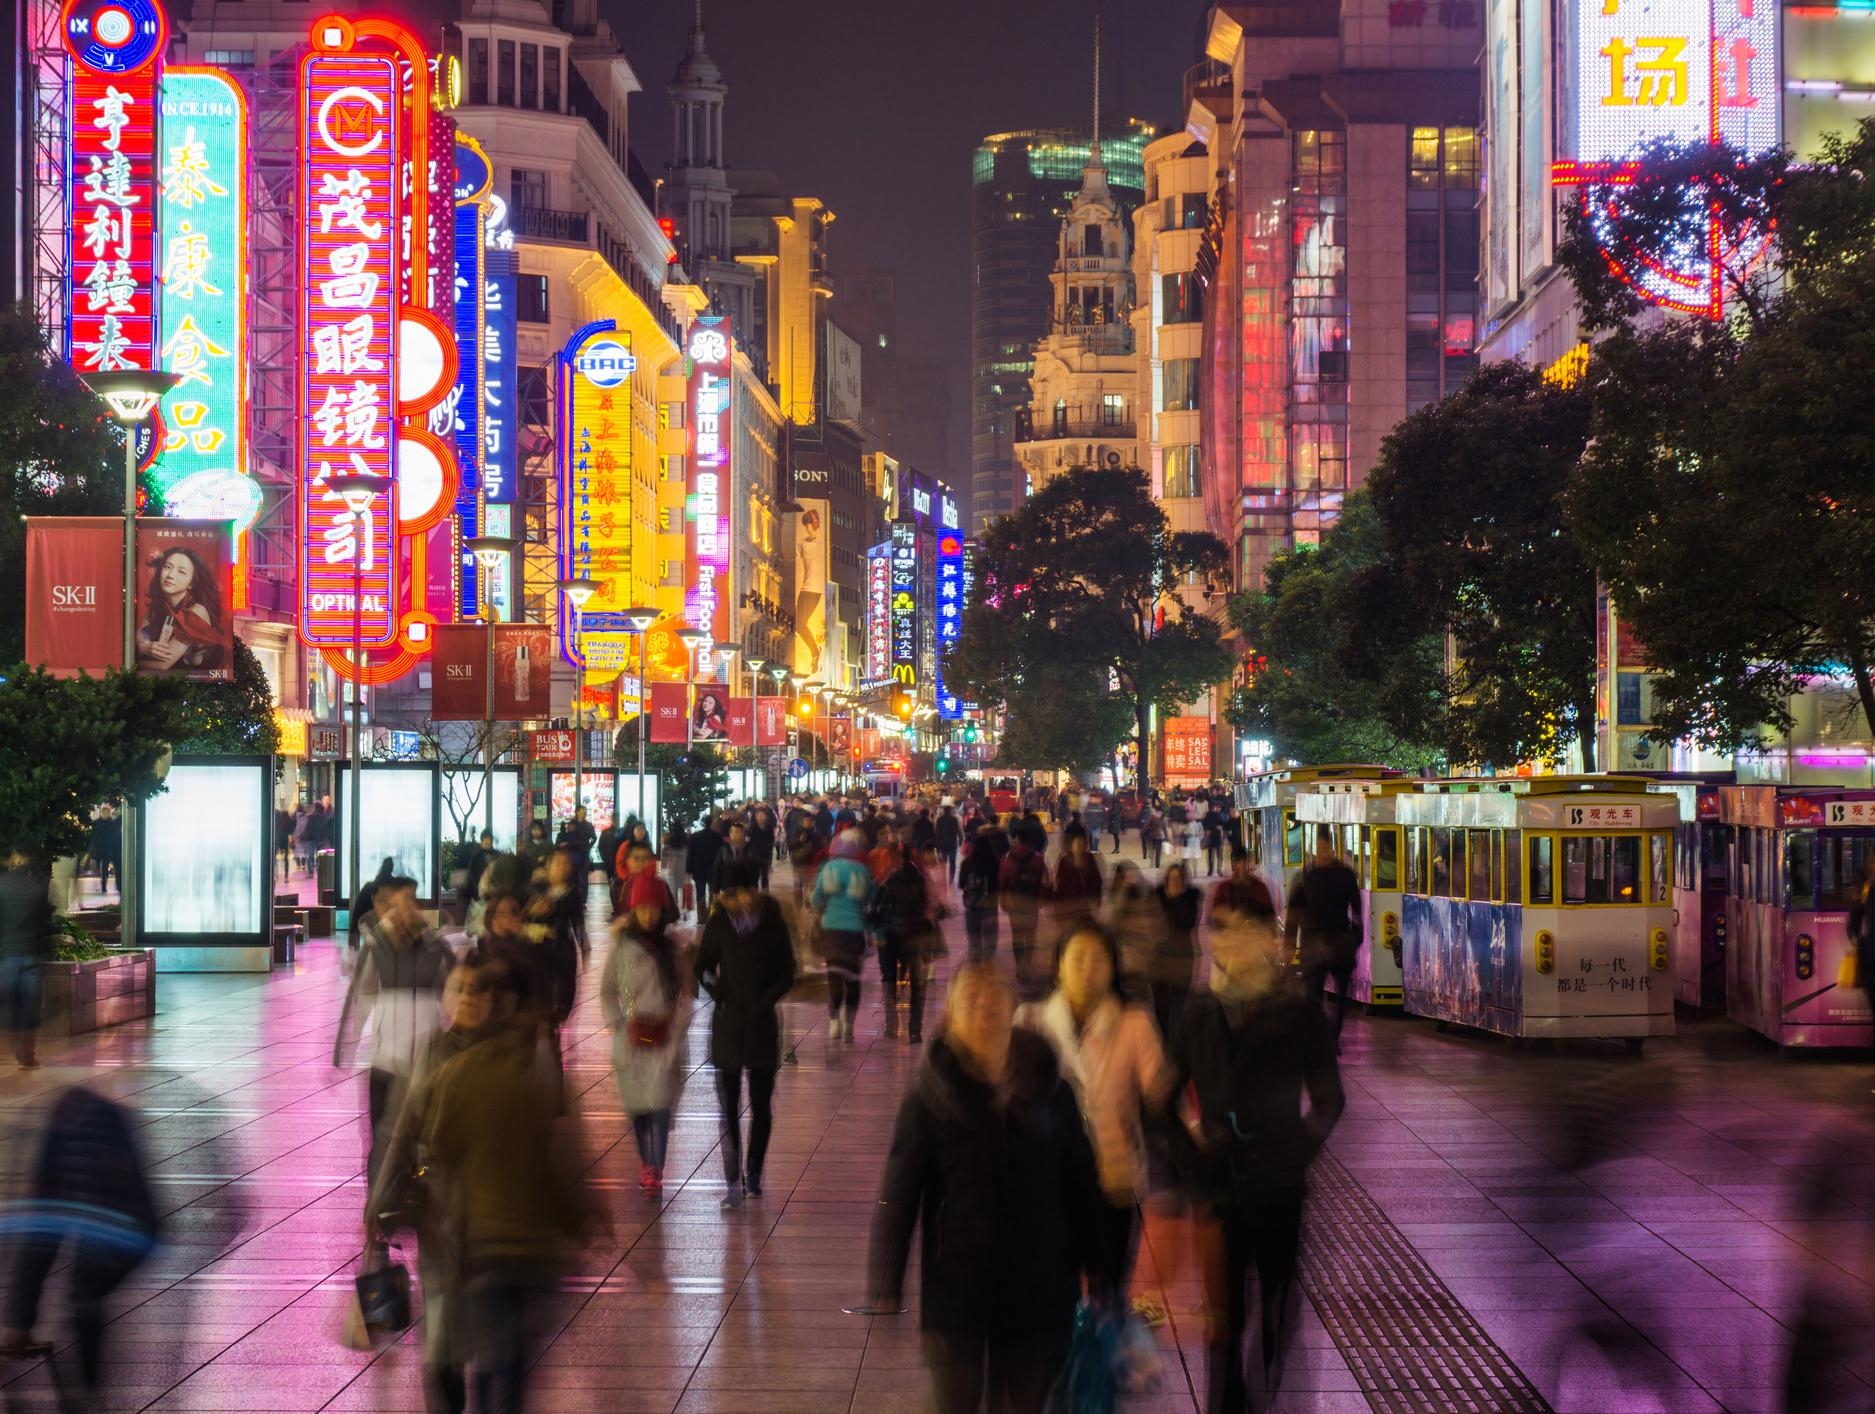 Kinesiske dating sites i uk